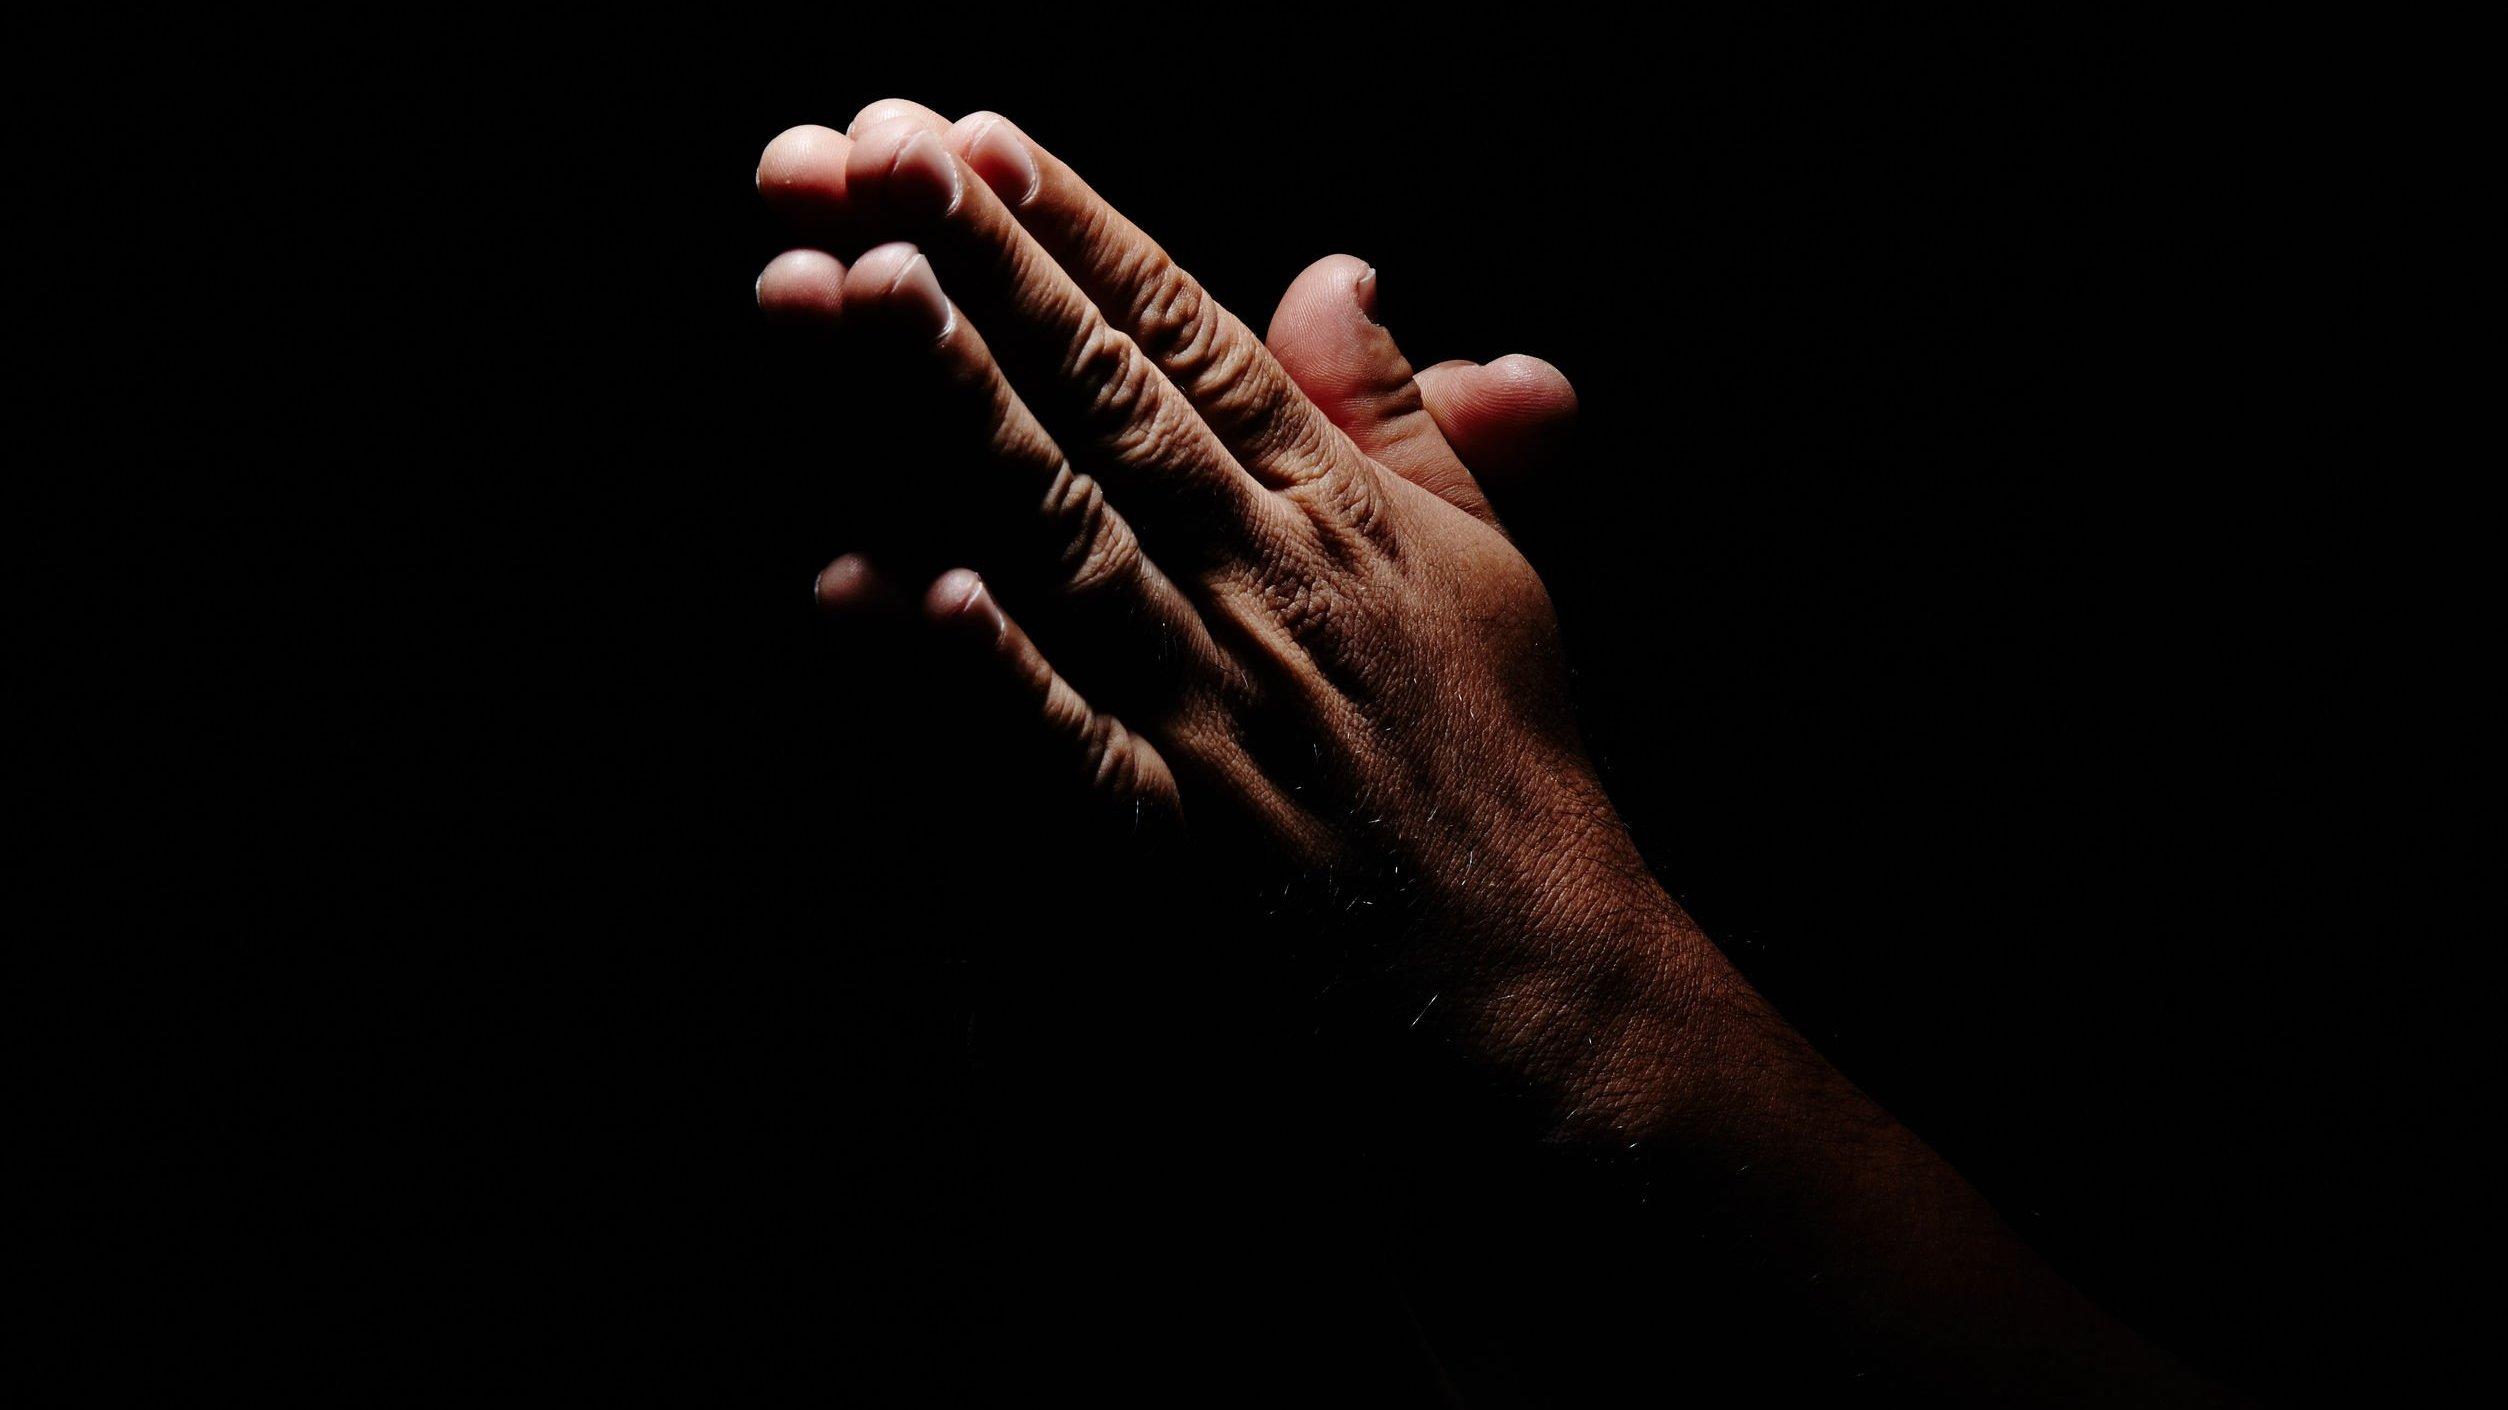 Mão de pessoa orando em frente de fundo preto